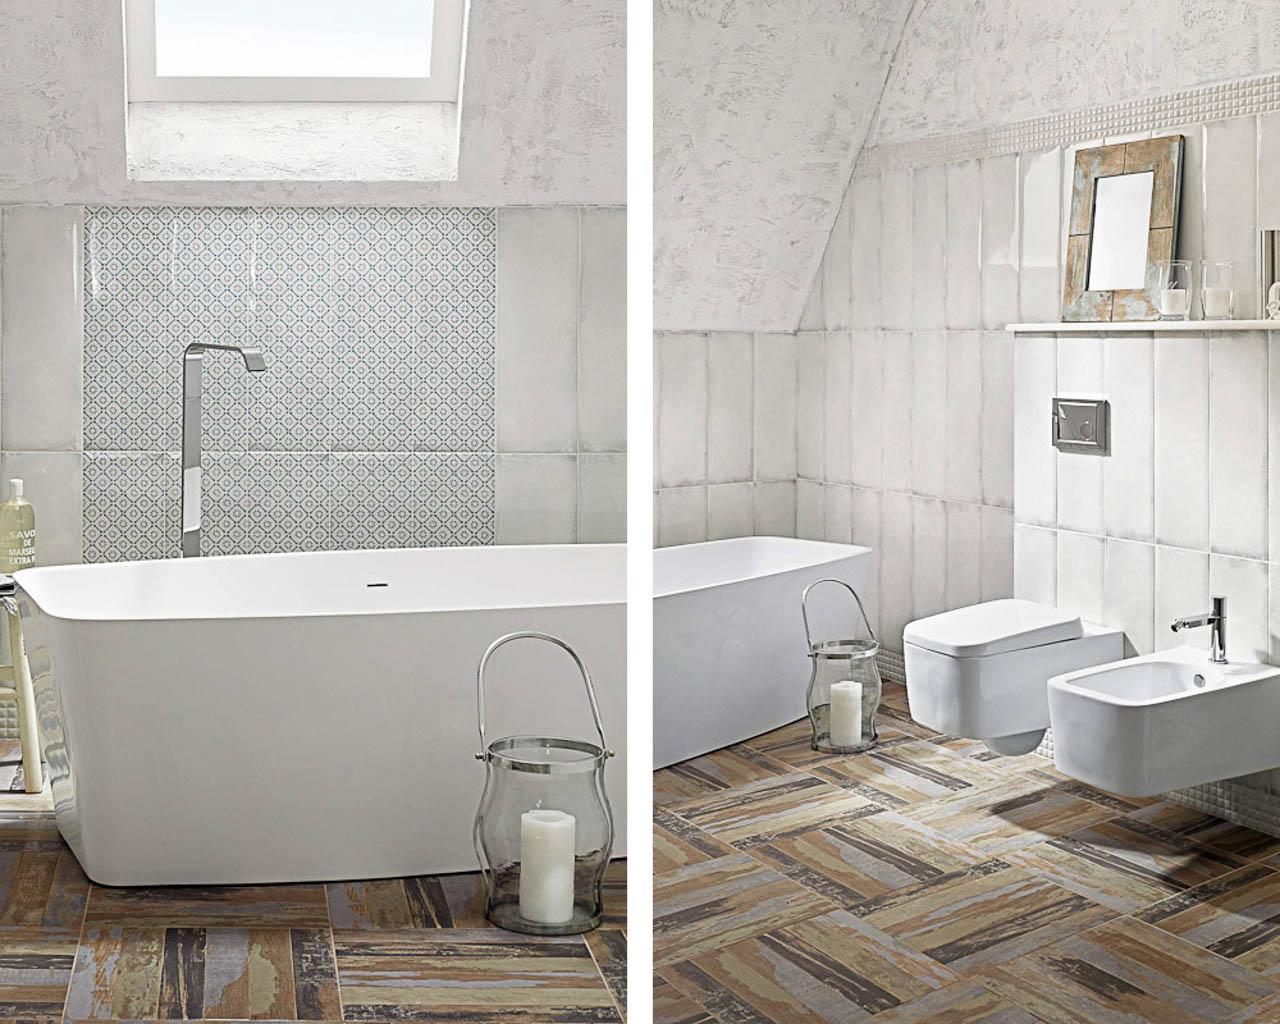 Aranżacja rustykalnej łazienki na poddaszu